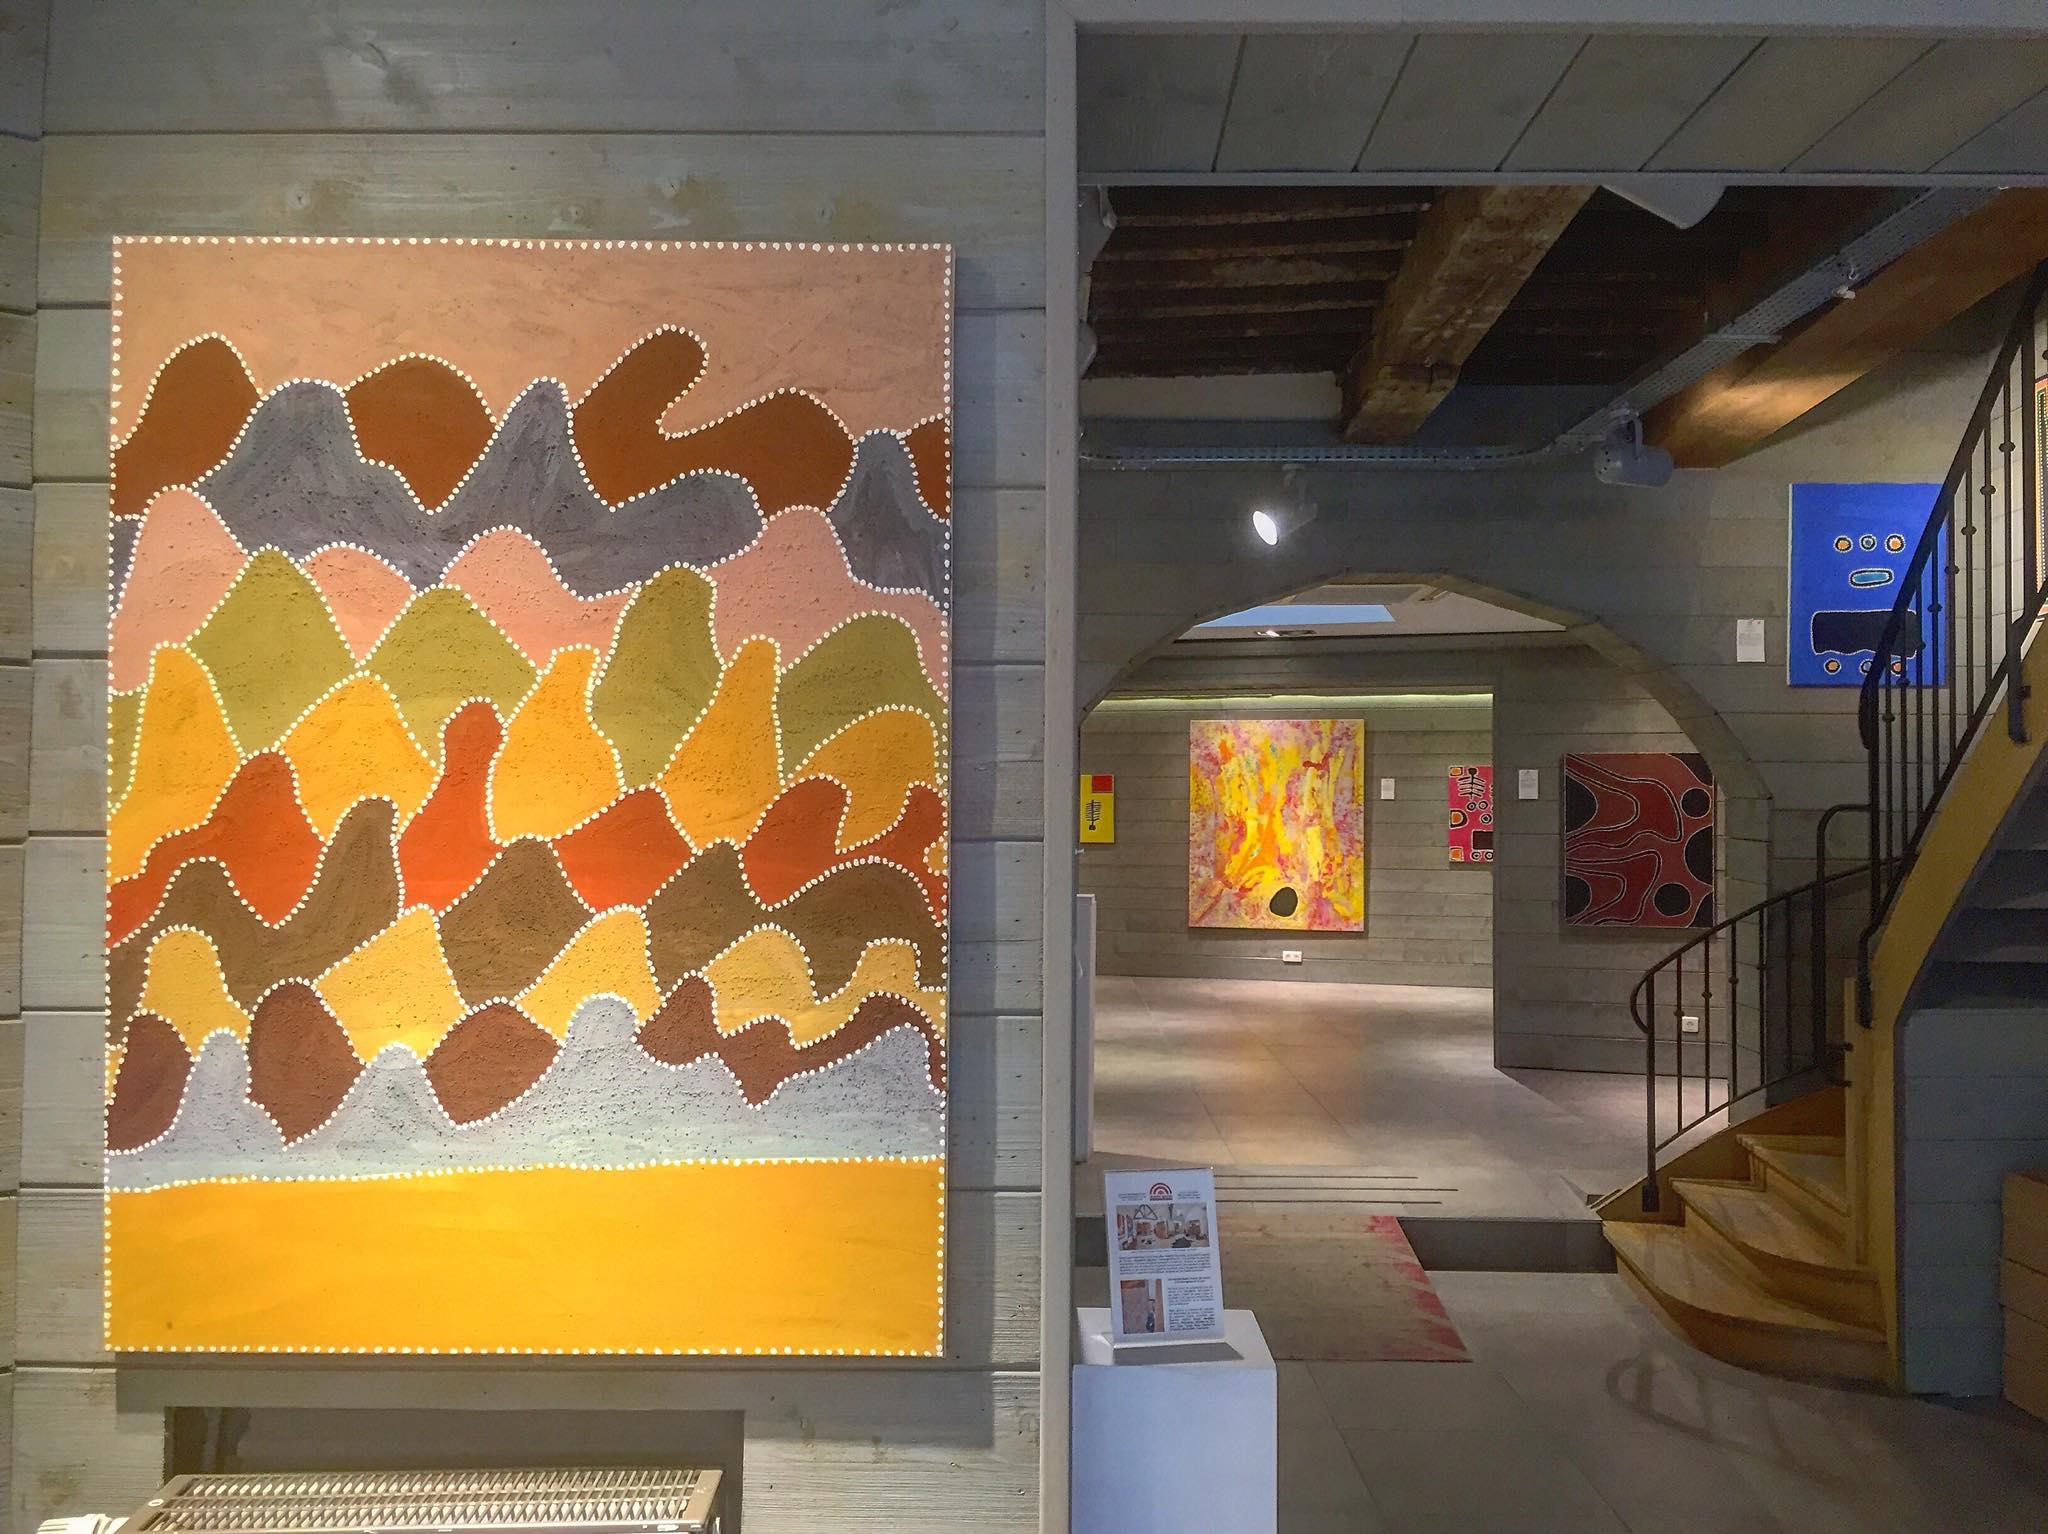 """Vue de l'exposition """"Spiritual Essence of the Earth"""" avec les artistes Aborigènes de Warmun, 7 place du Grand Sablon à Bruxelles."""